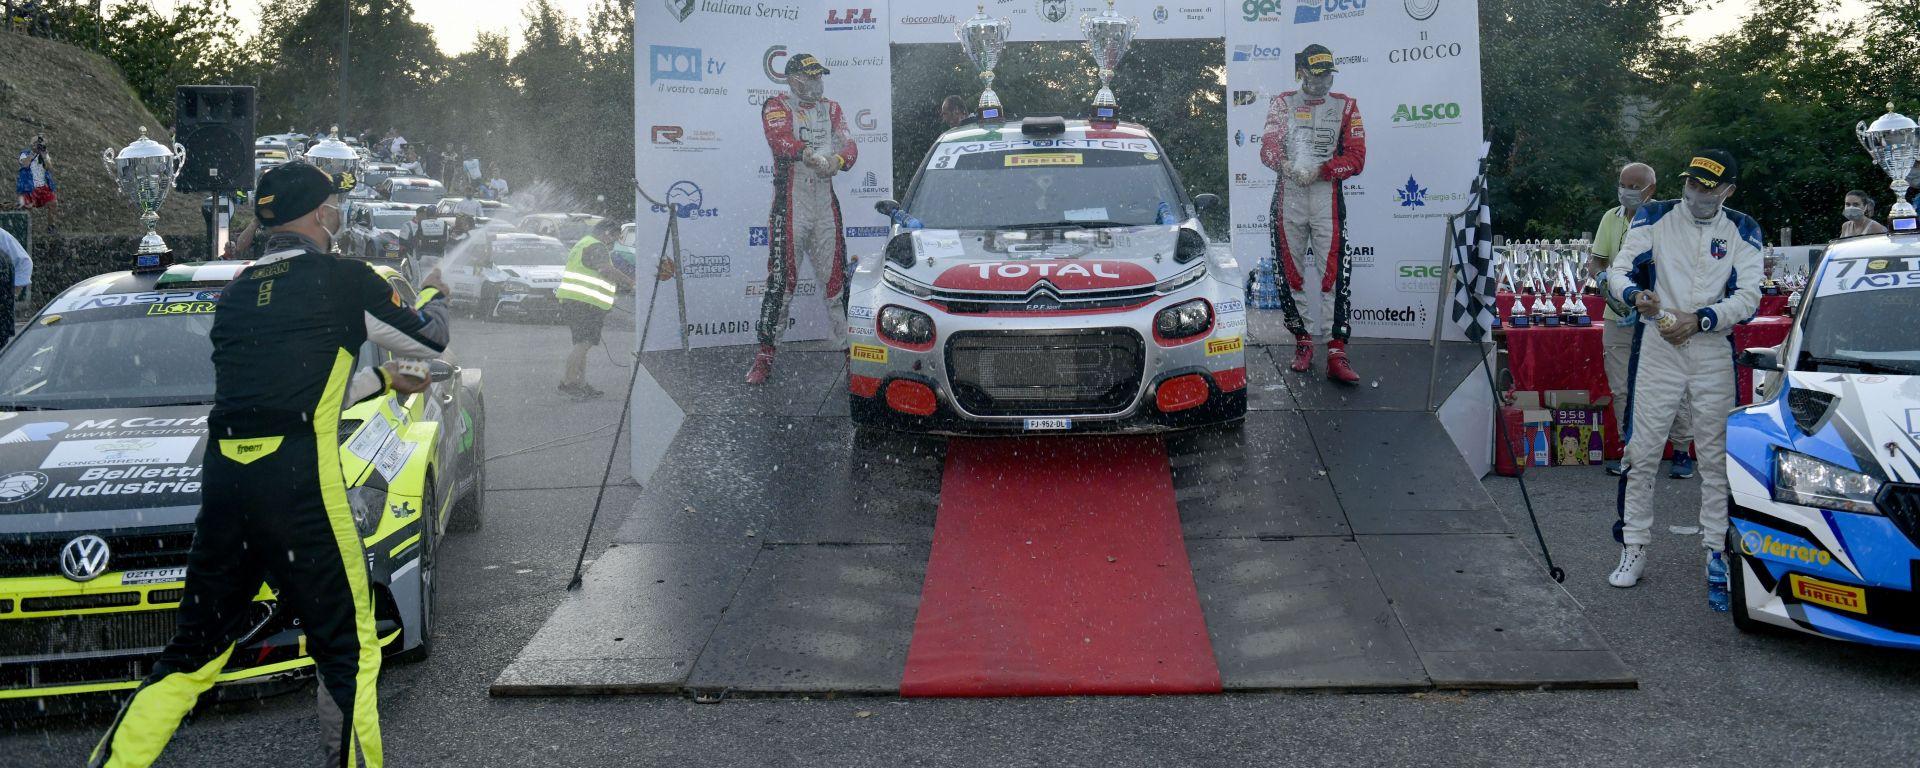 CIR, Rally Il Ciocco 2020: Andrea Crugnola (Citroen C3 R5) festeggia sul podio